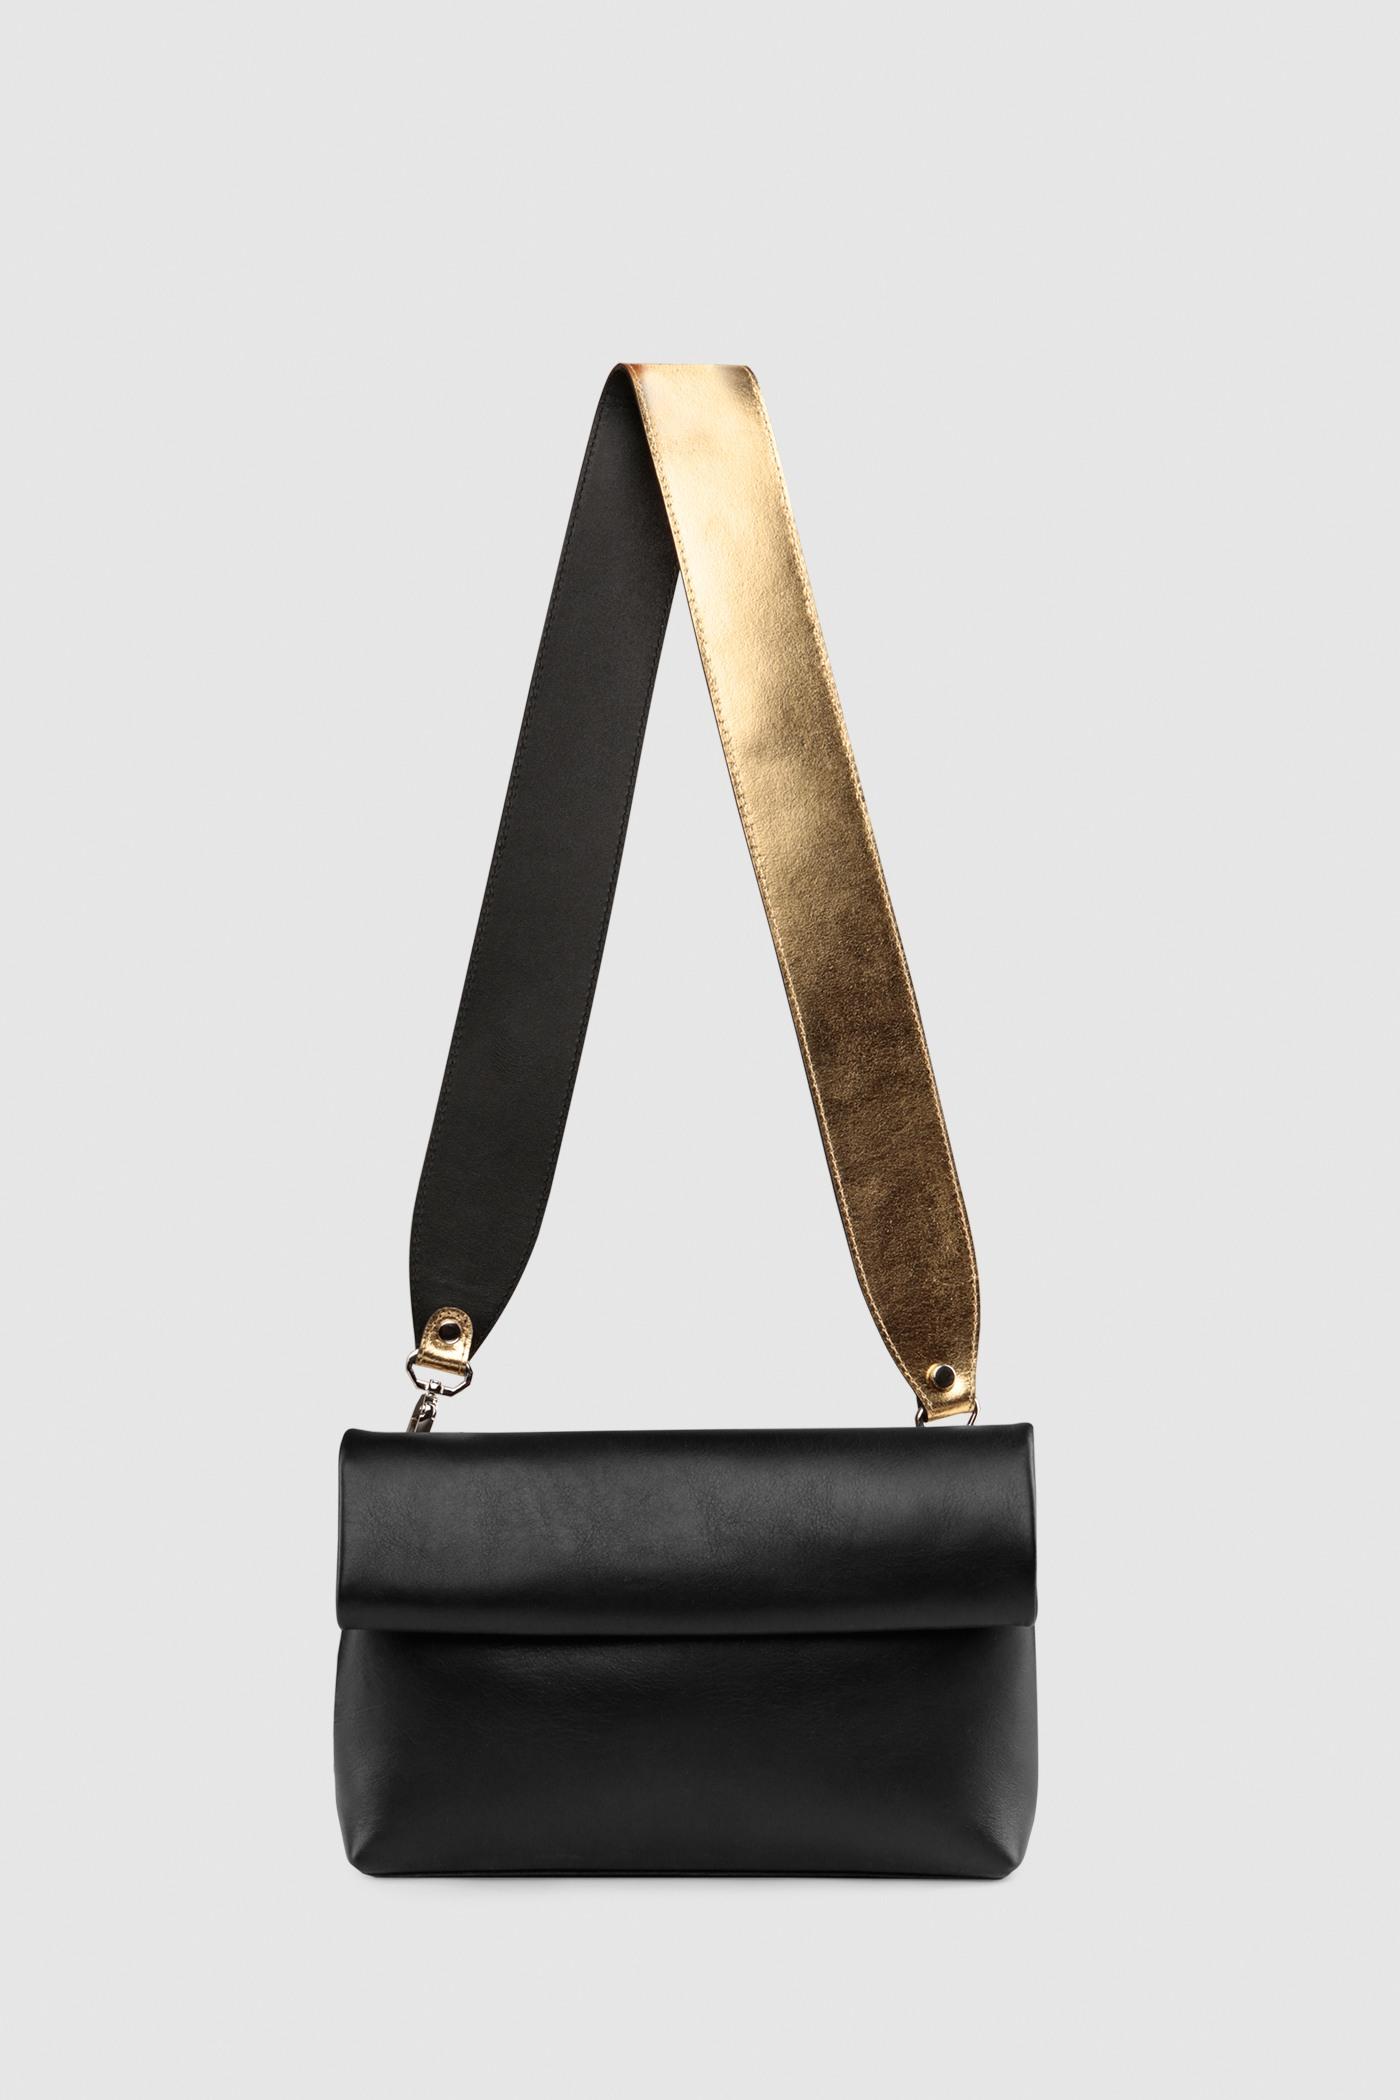 Ремешок на сумкуРемень широкий на двух карабинах из плотной натуральной кожи. Подходит к ряду моделей сумок.&#13;<br>&#13;<br>Размеры&#13;<br>Длина: 80 см&#13;<br>Ширина: 5 см<br><br>Цвет: Золото